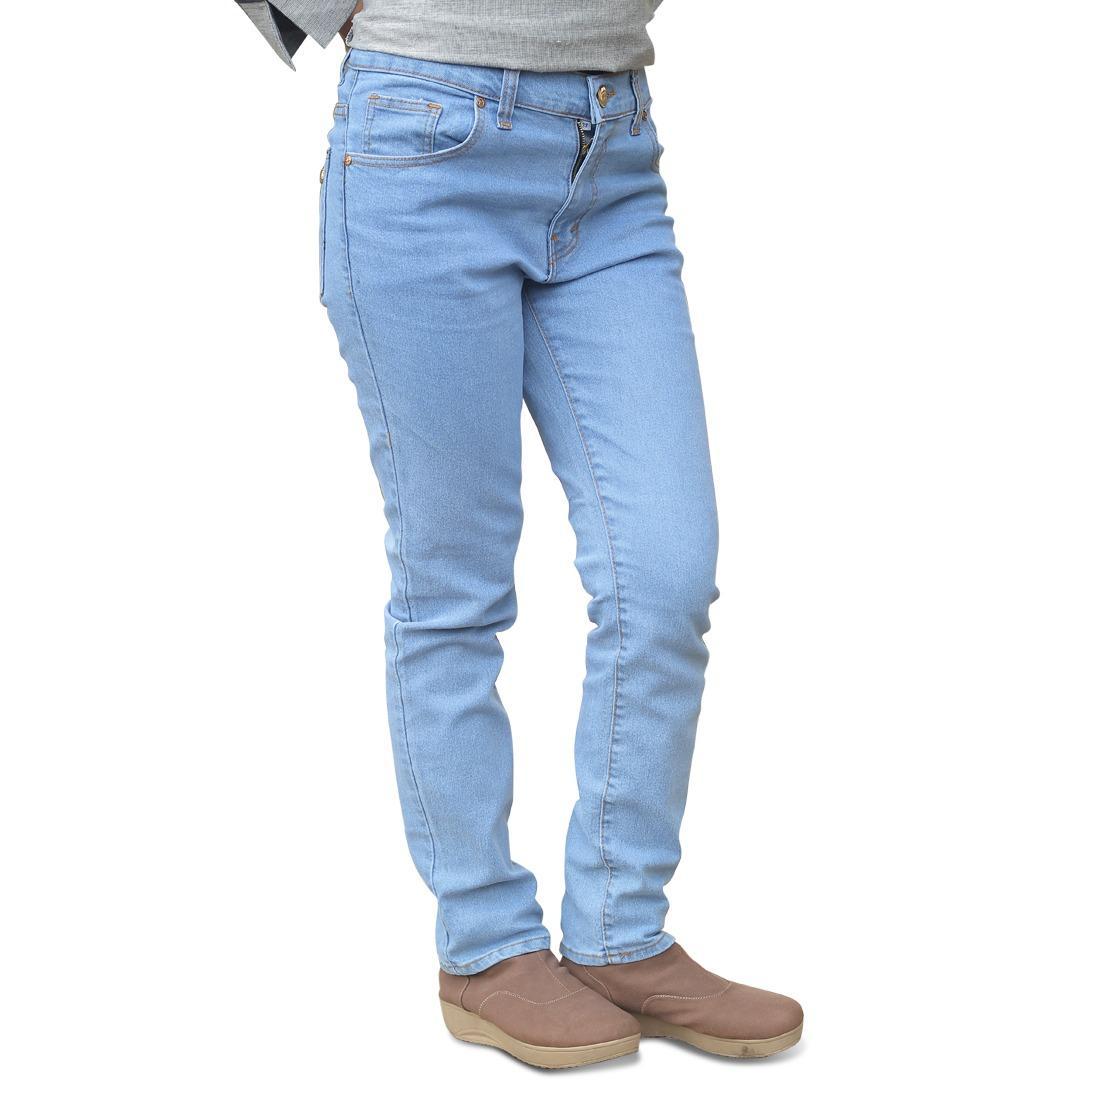 Cbr Six Isc 104 Celana Pdl Army Pria Gagah Twill Abu Kombinasi Rrc 365 Topi Gaya Bagus Canvas Merah Jeans Wanita Biru Nyaman Berkualitas Usc 709 710